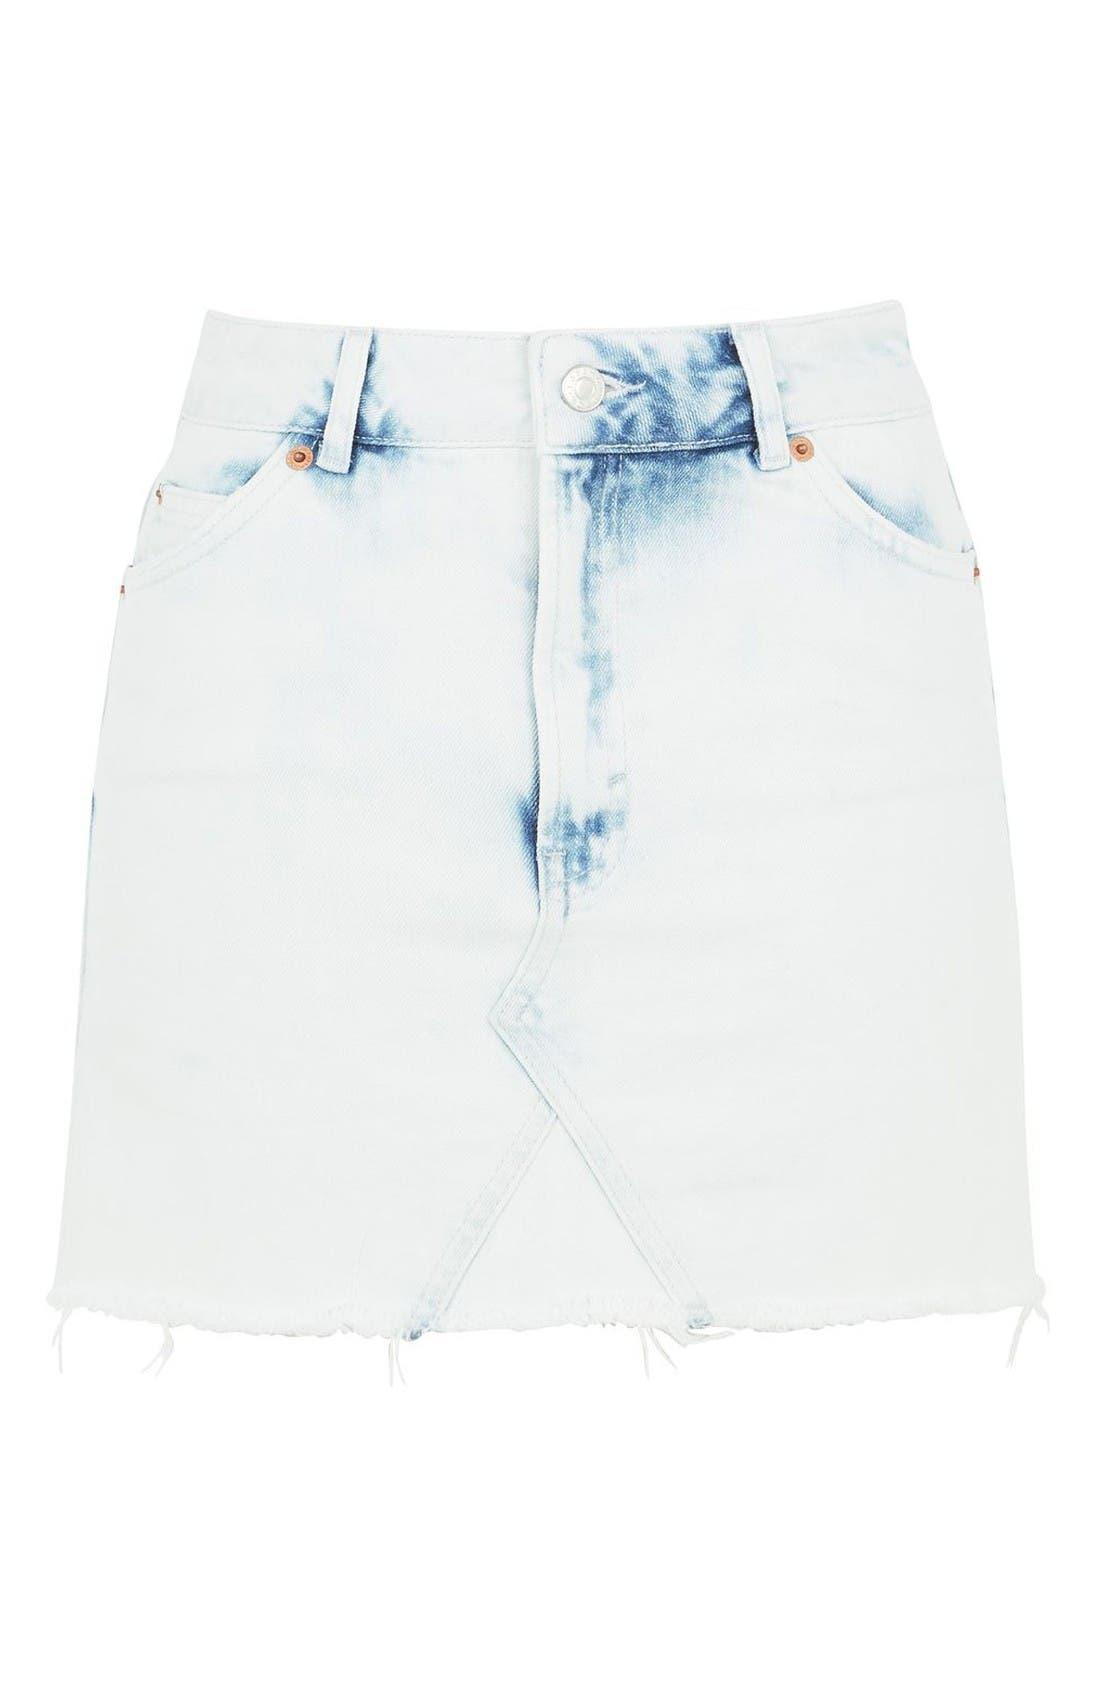 Alternate Image 1 Selected - Topshop Moto Bleach Denim Miniskirt